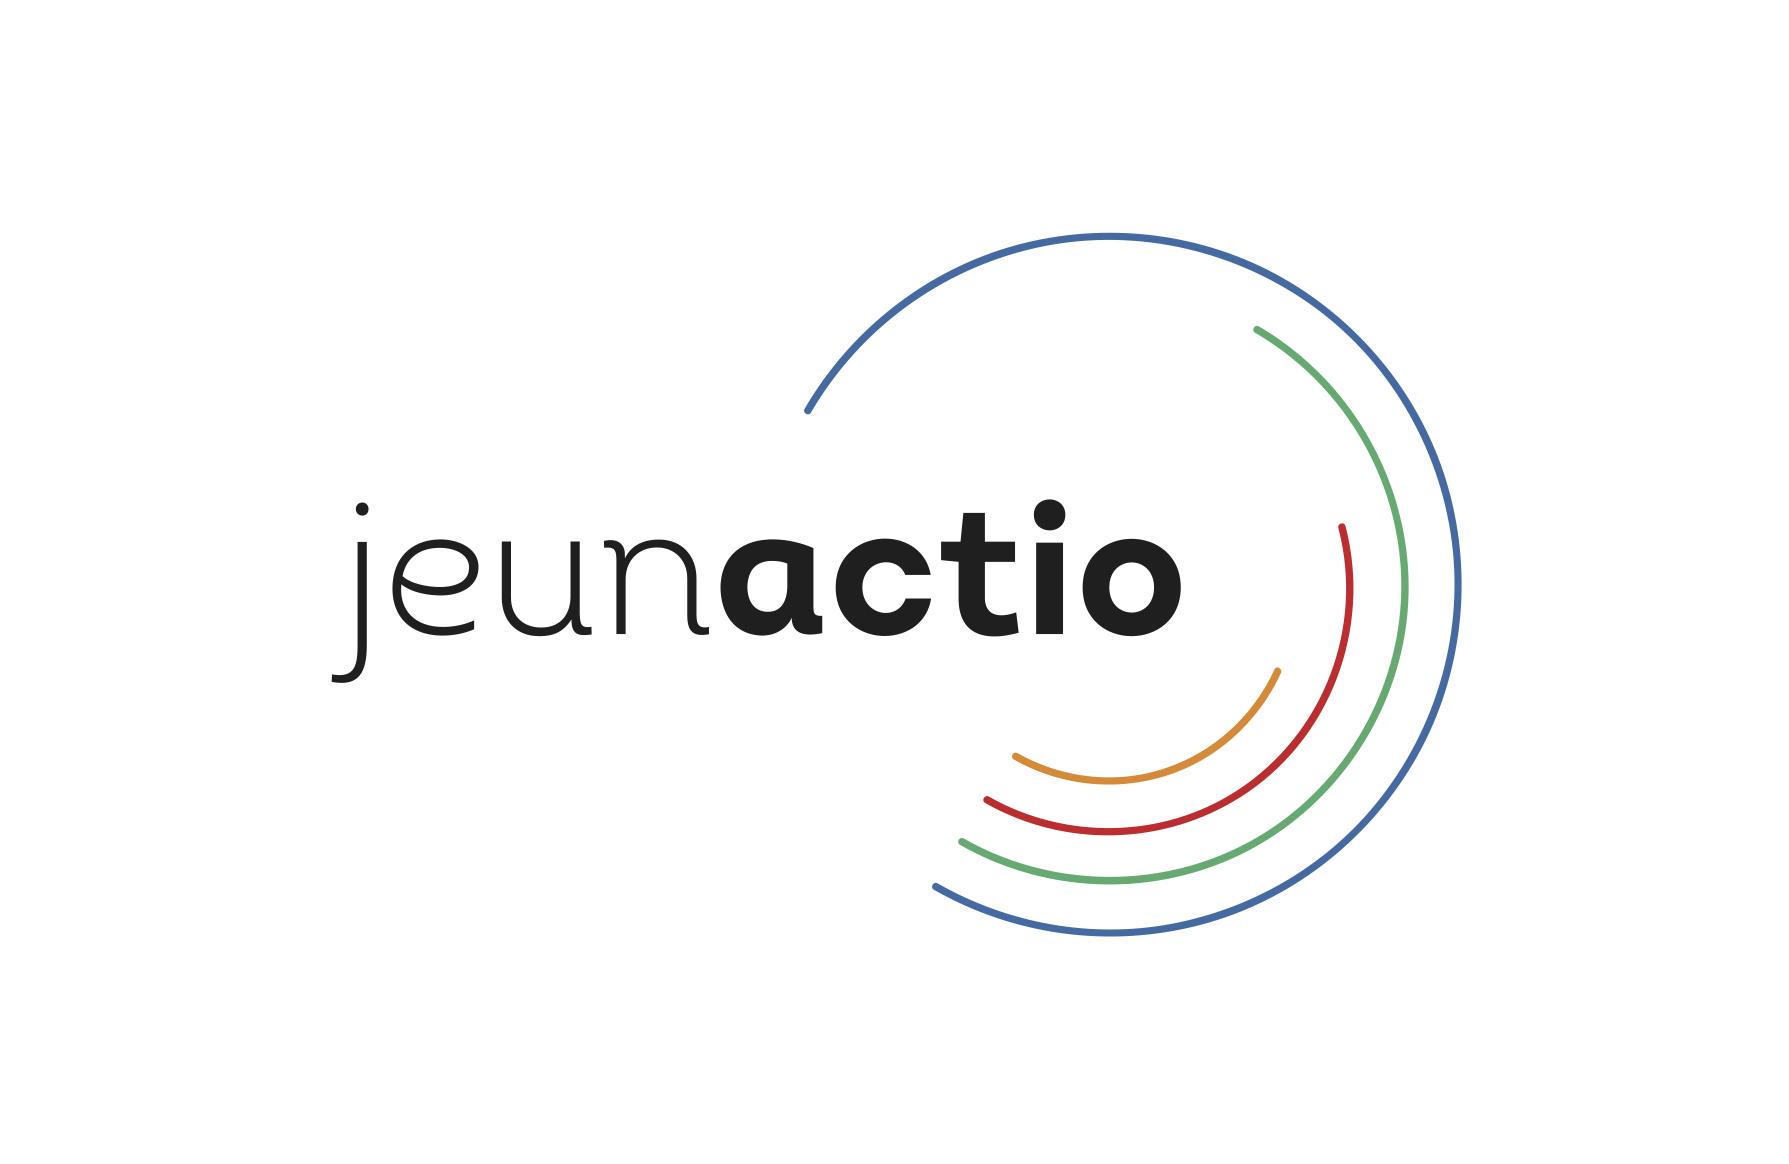 jeunactio PNG